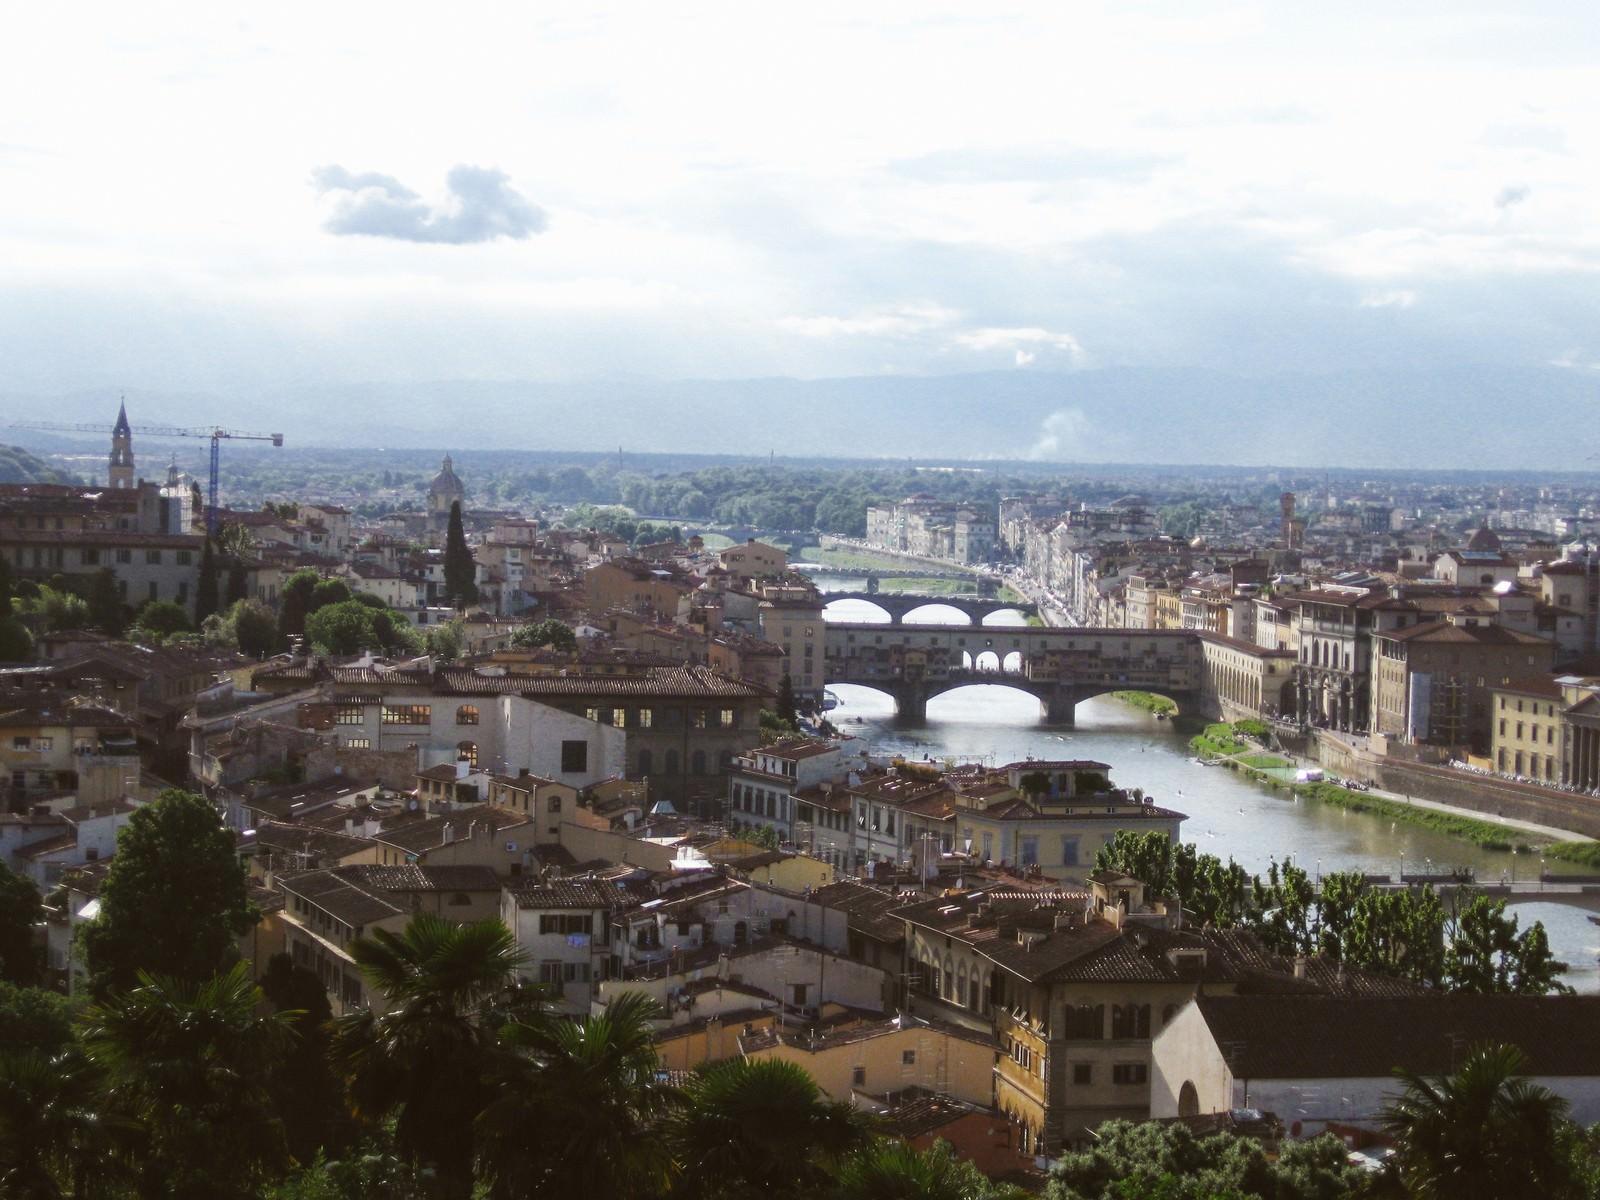 「フィレンツェの街並みと川(イタリア)」の写真